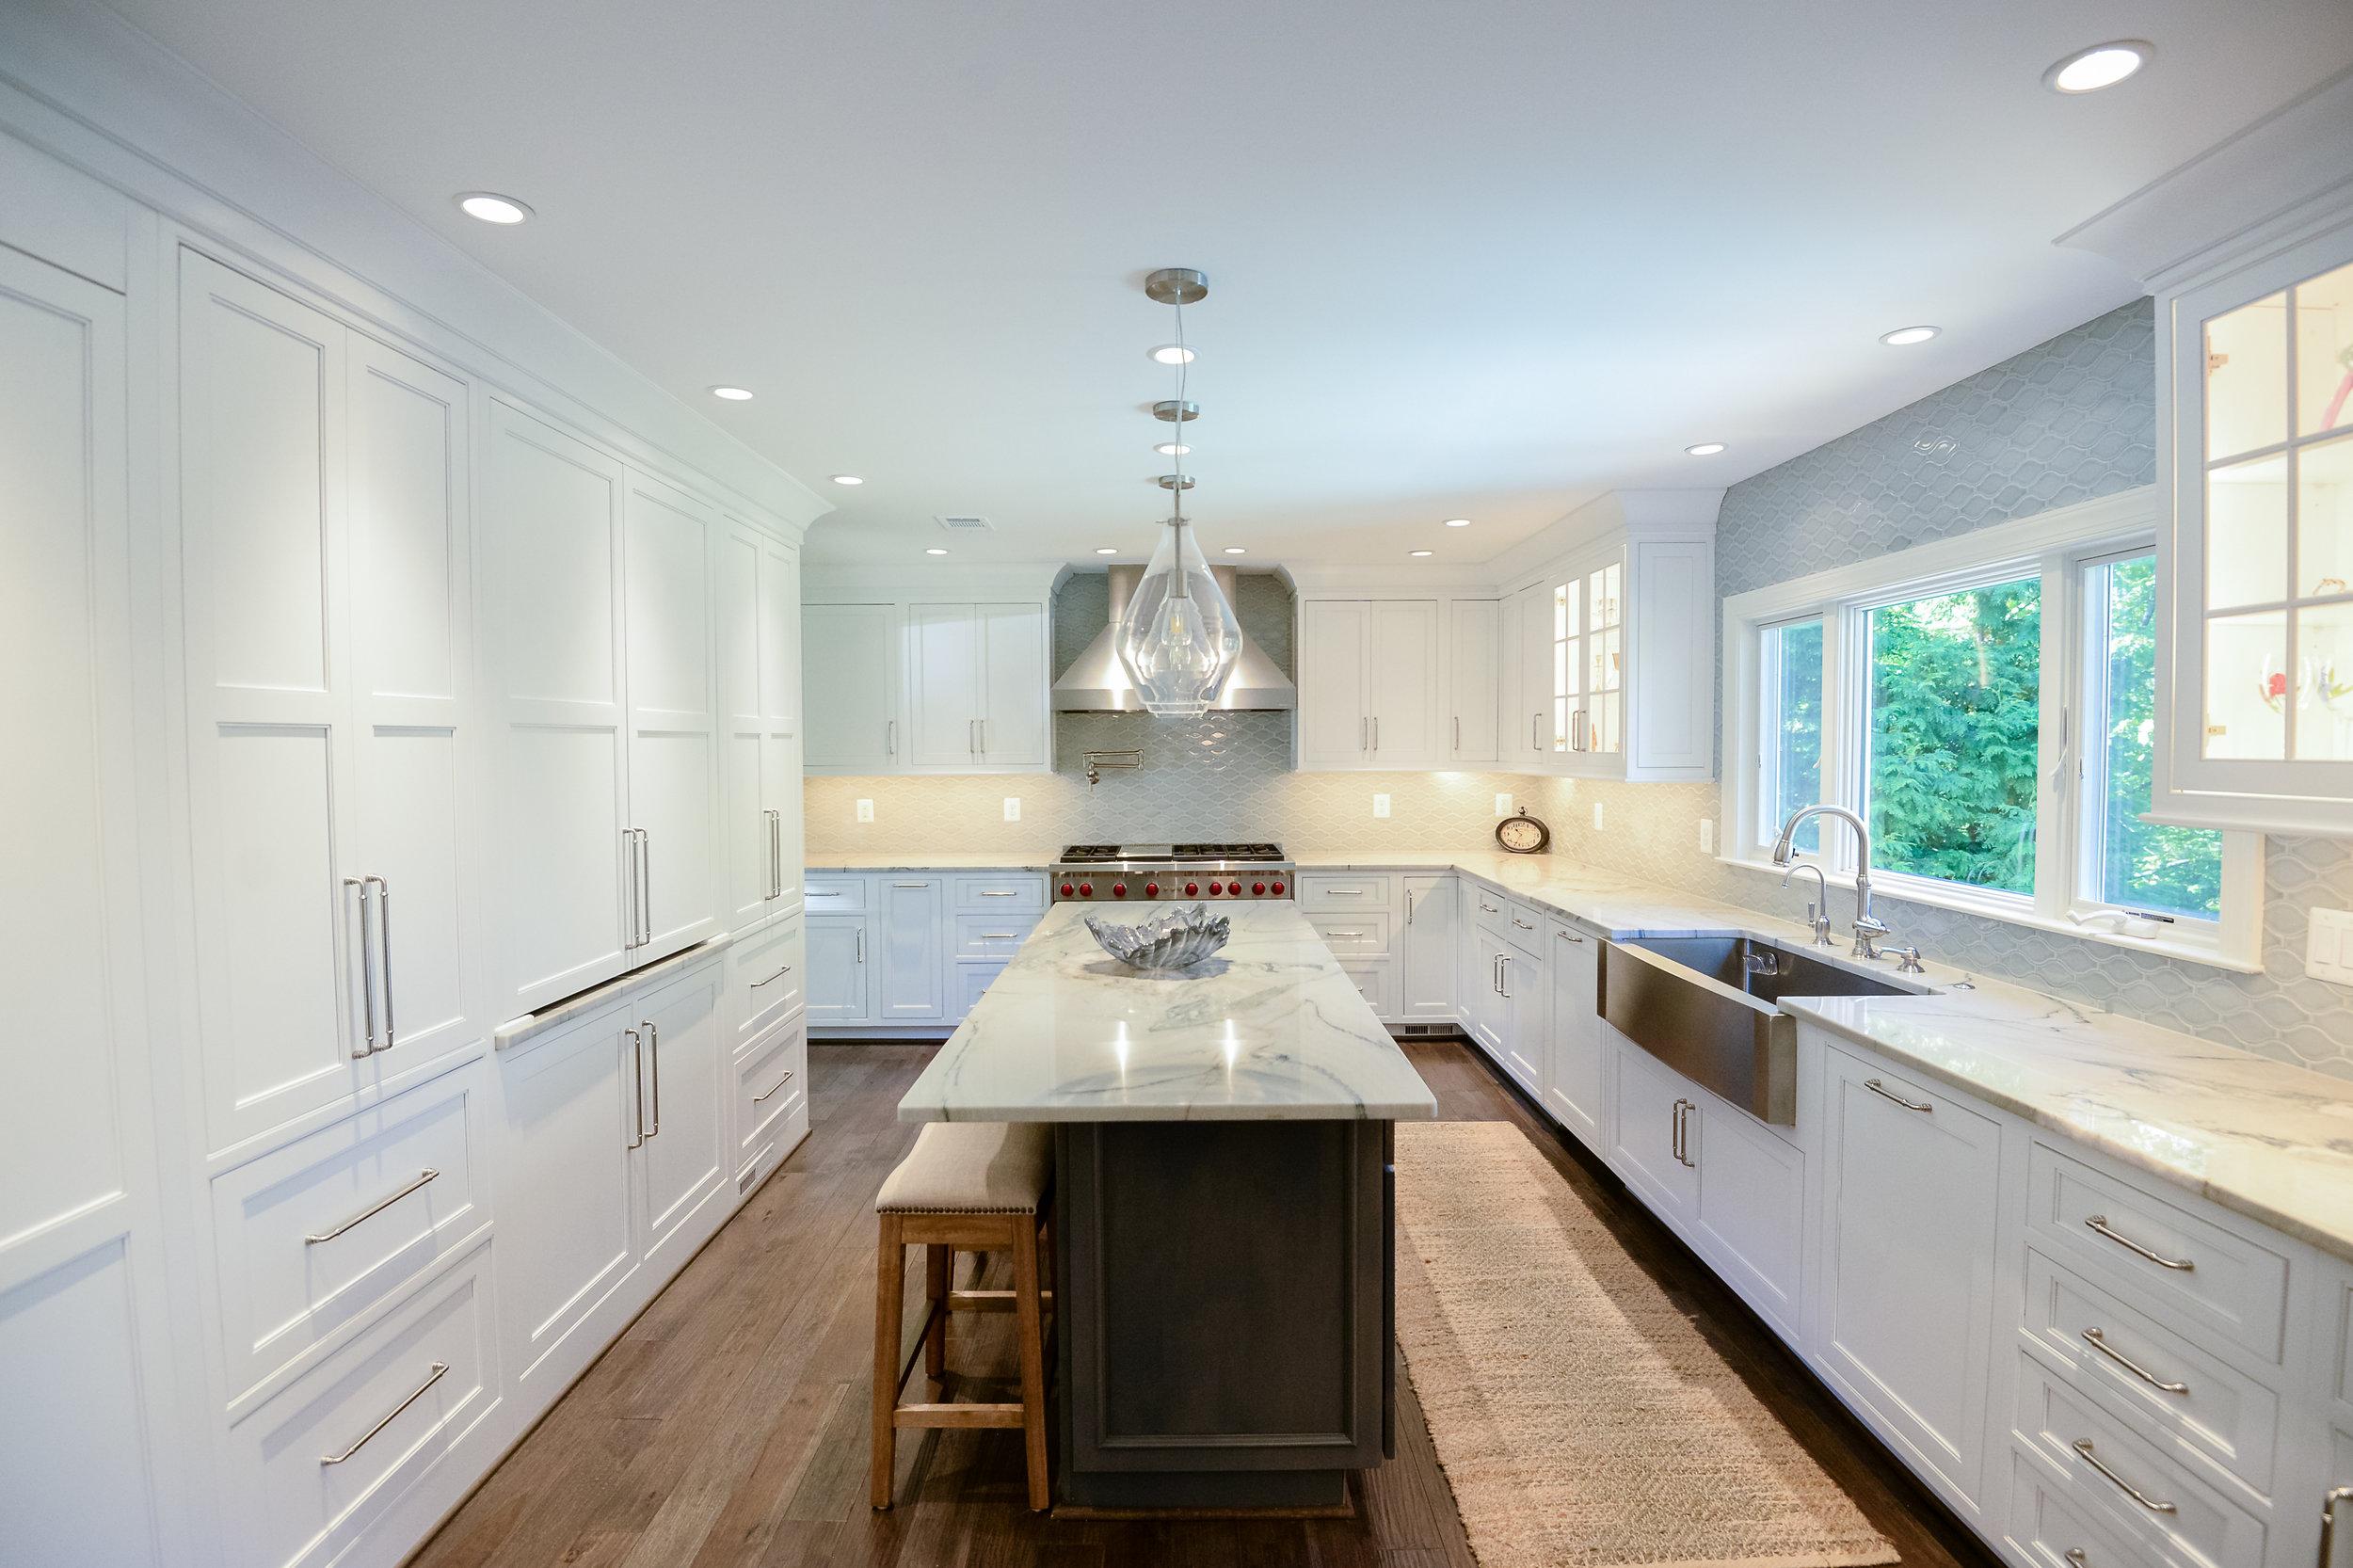 10-30-17 tedder kitchen-2.JPG